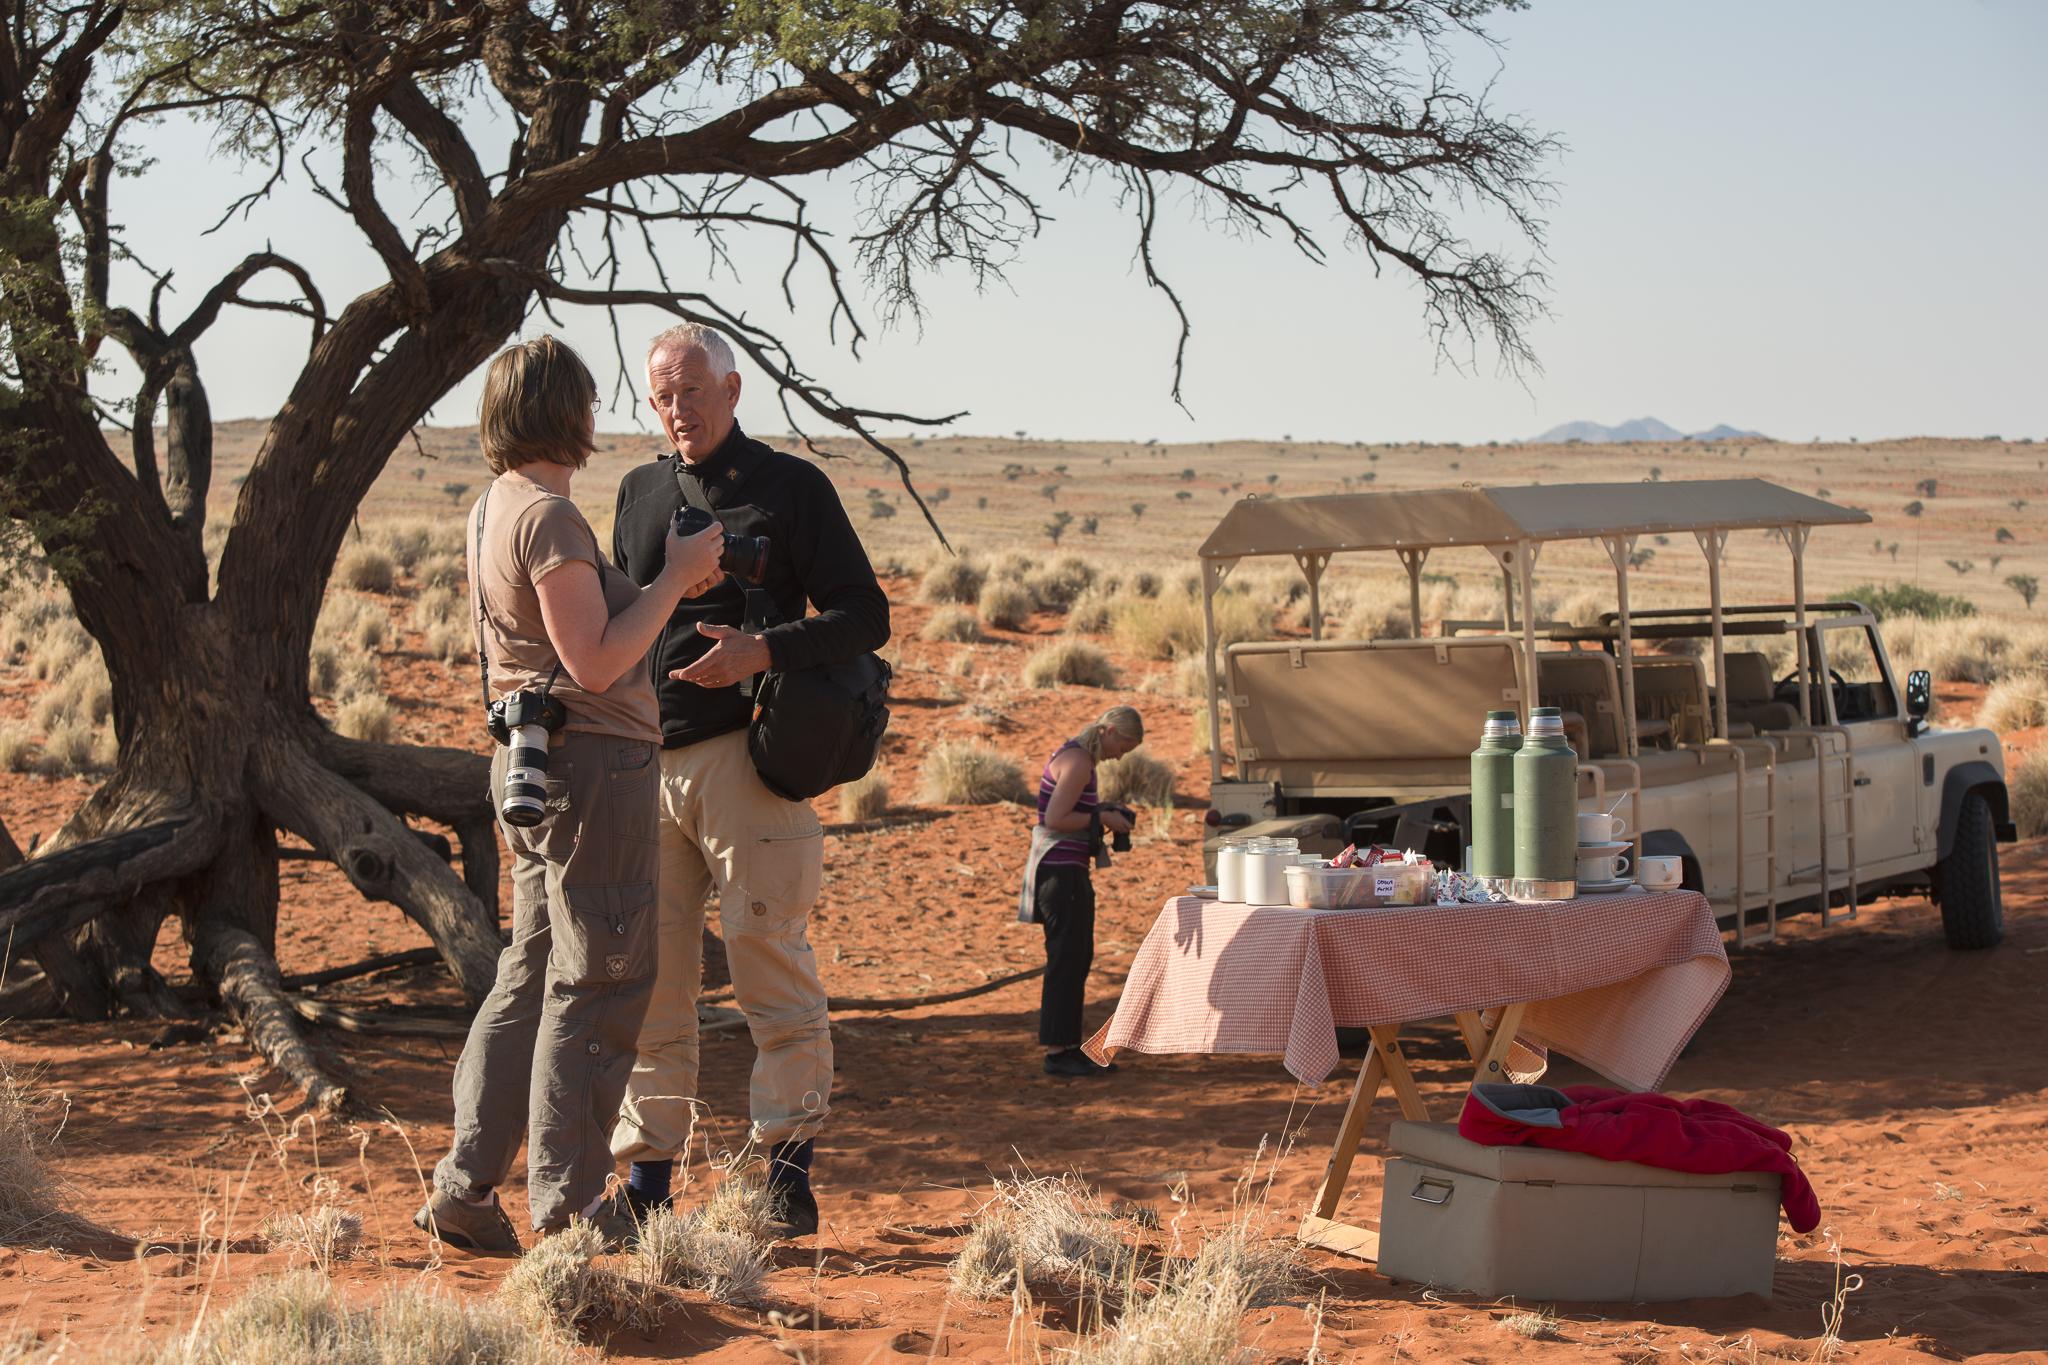 Elisabeth Landberger Photography_Namibia Fotoresor i fokusDSC_2066